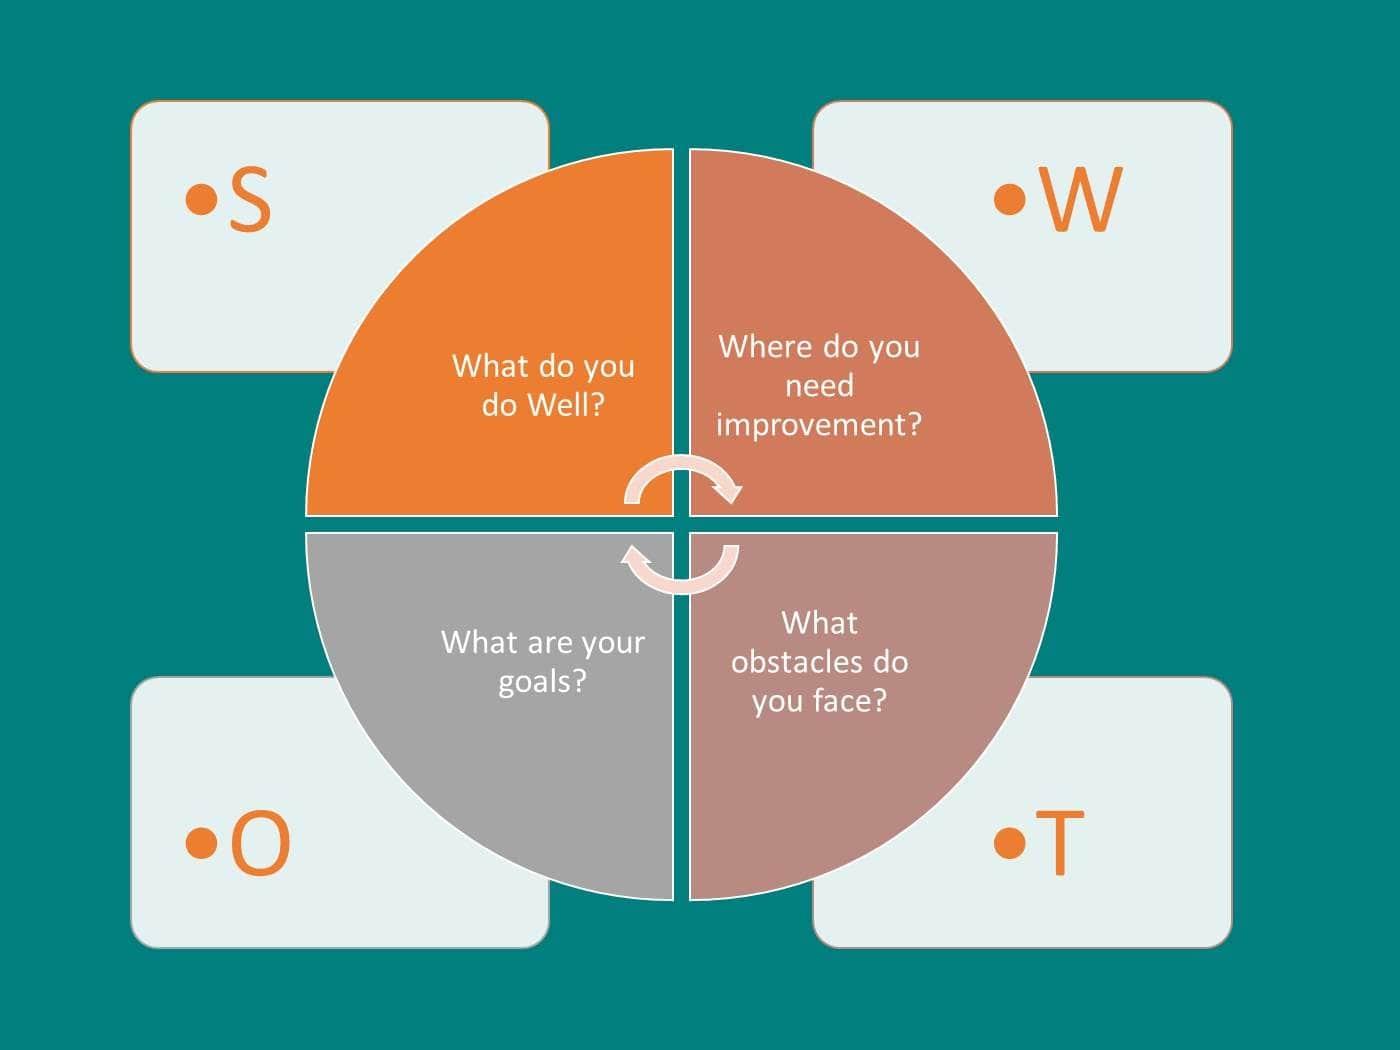 Build a SWOT analysis